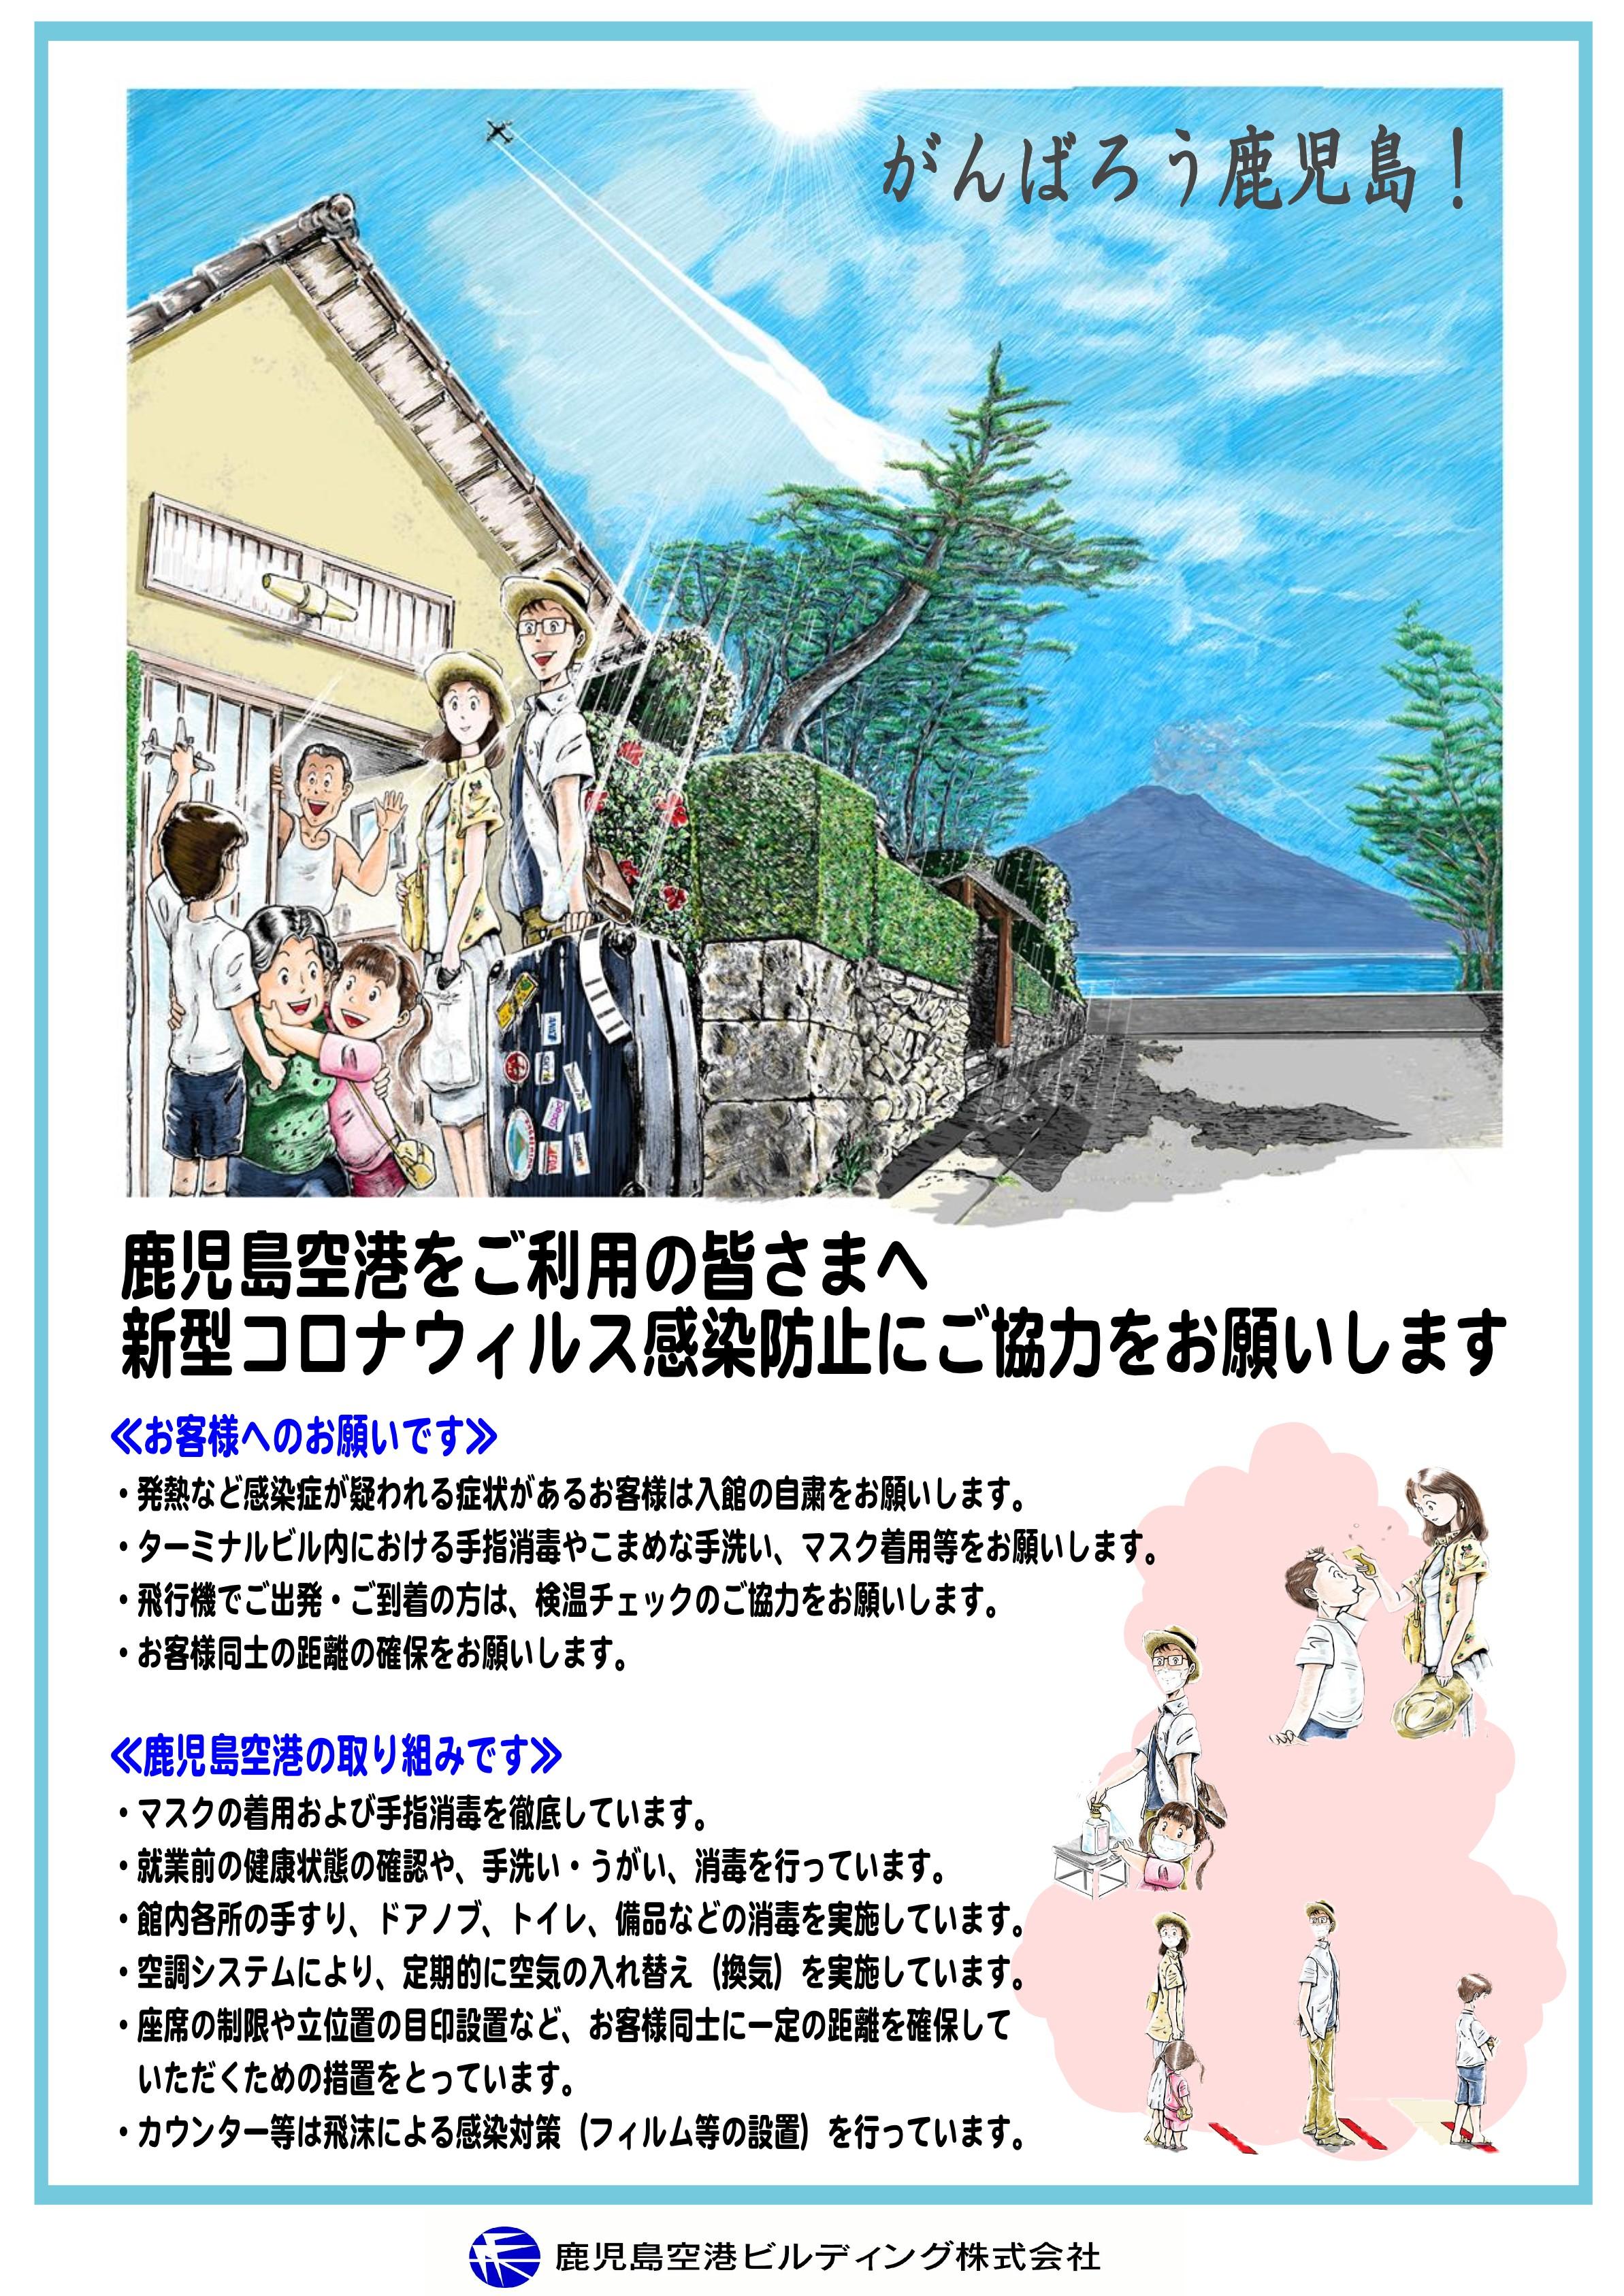 ★7.20 コロナ対策PRポスター(イラスト付き).jpg